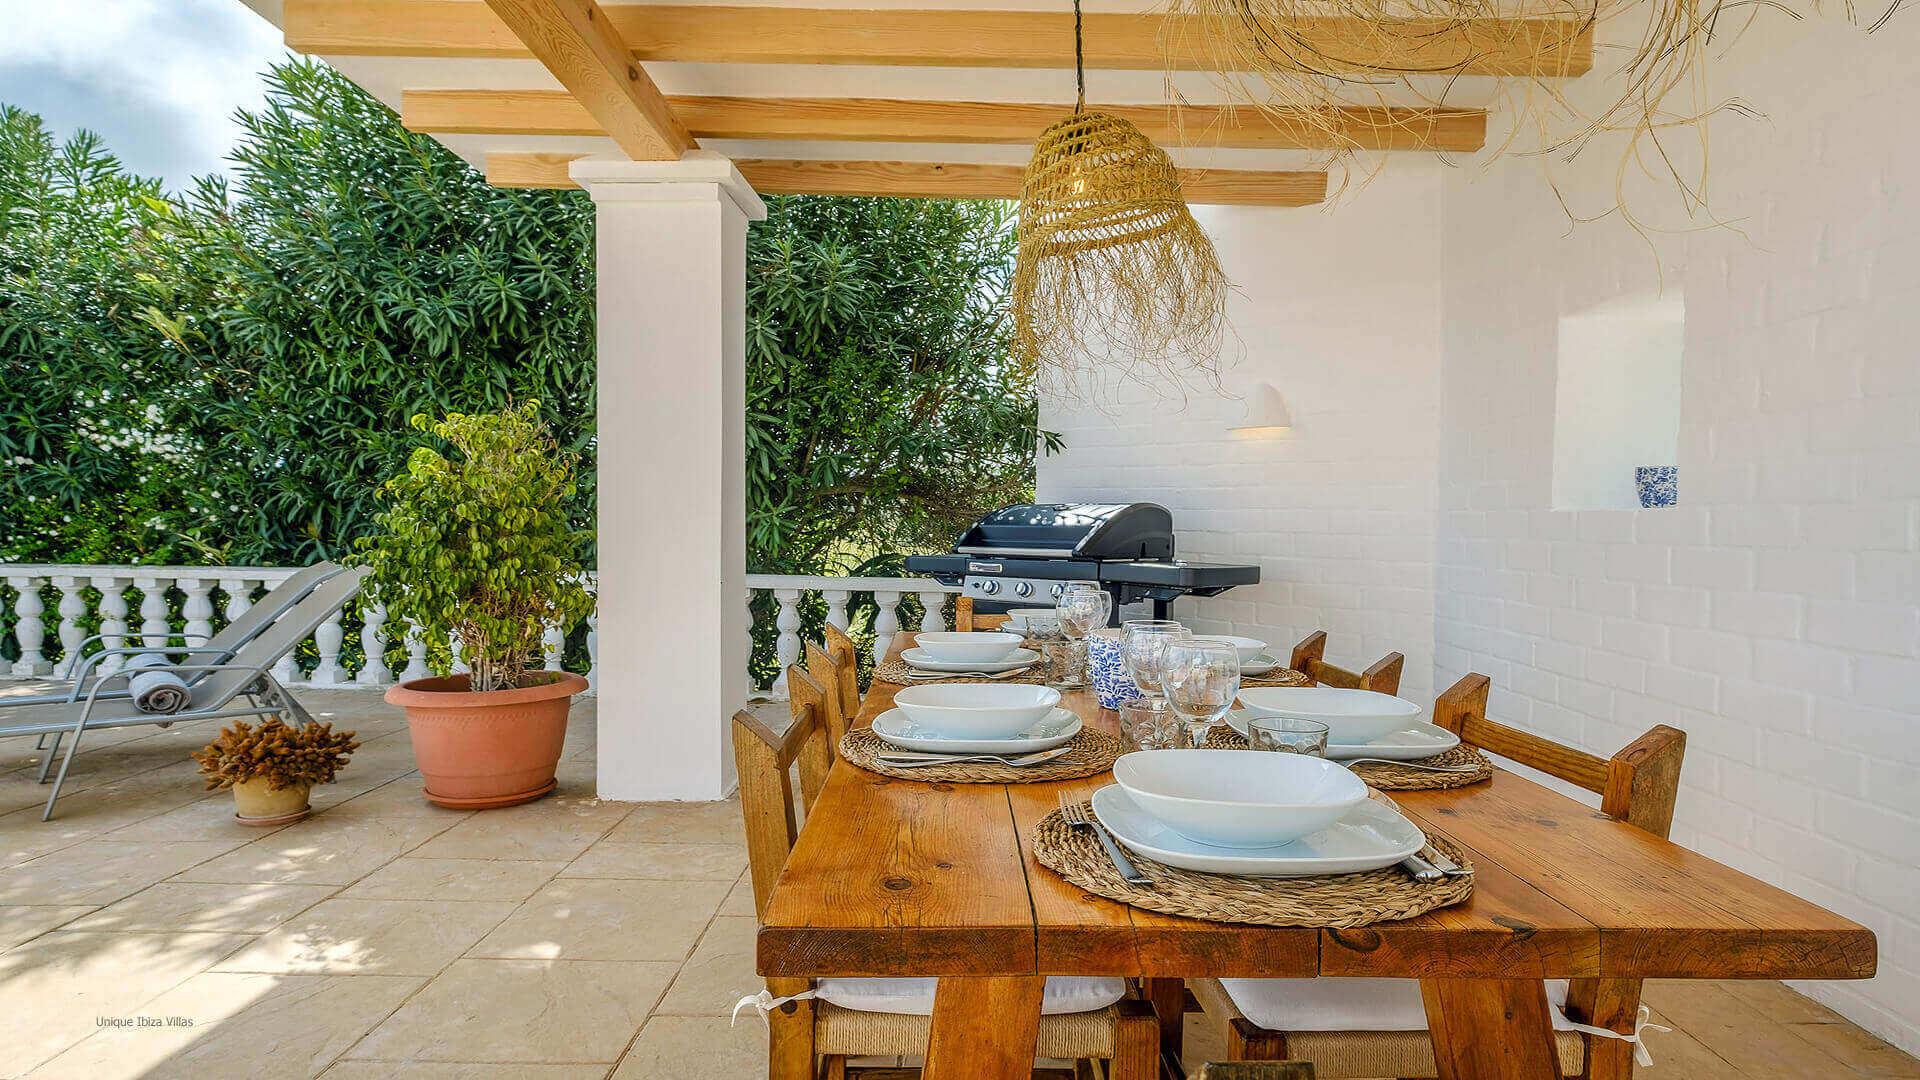 Villa Catalina Ibiza 12 Santa Eulalia